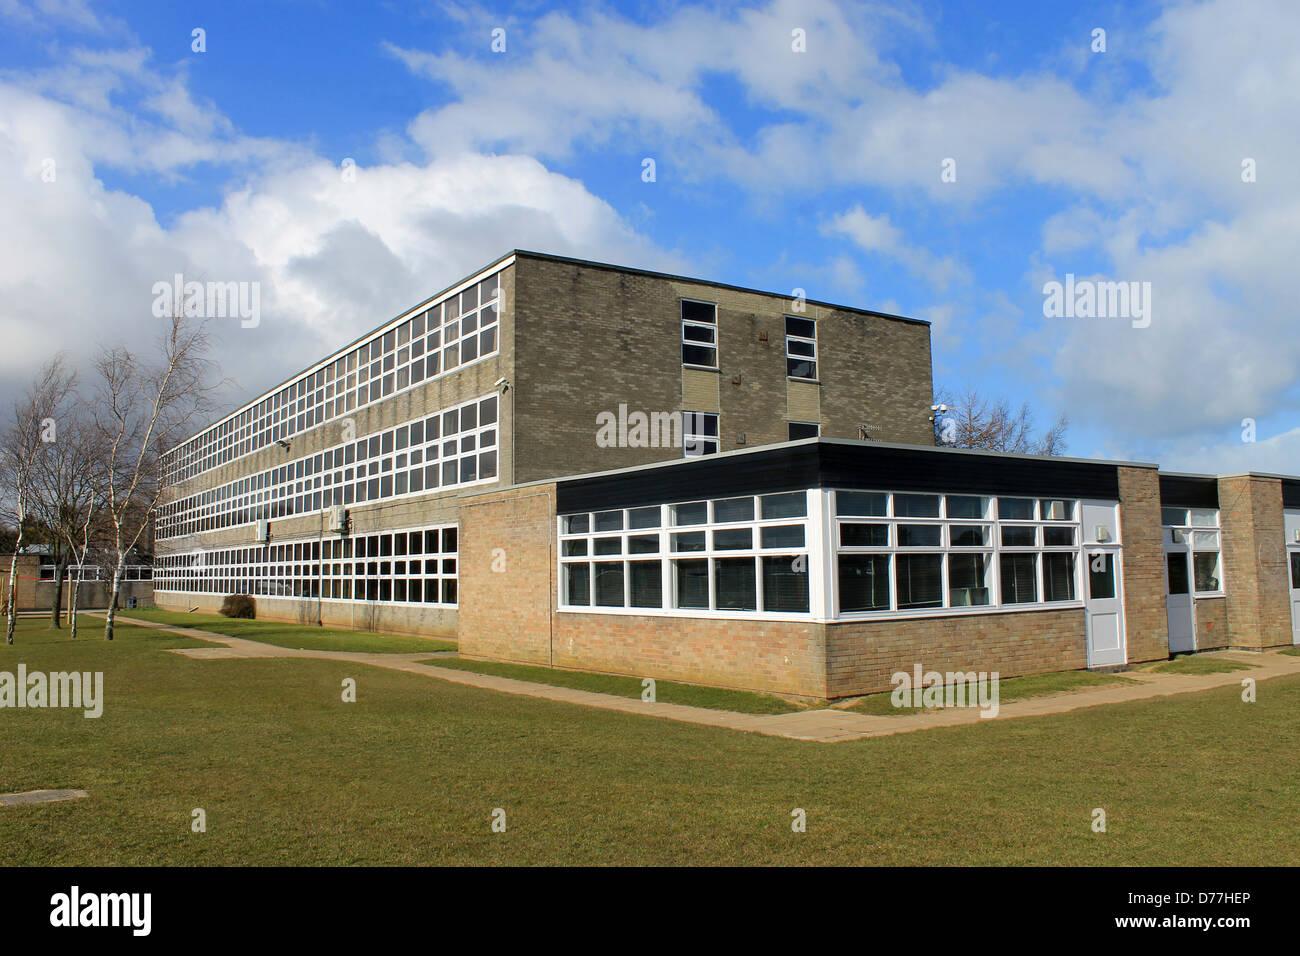 L'extérieur du bâtiment de l'école secondaire anglaise, Scarborough. Photo Stock